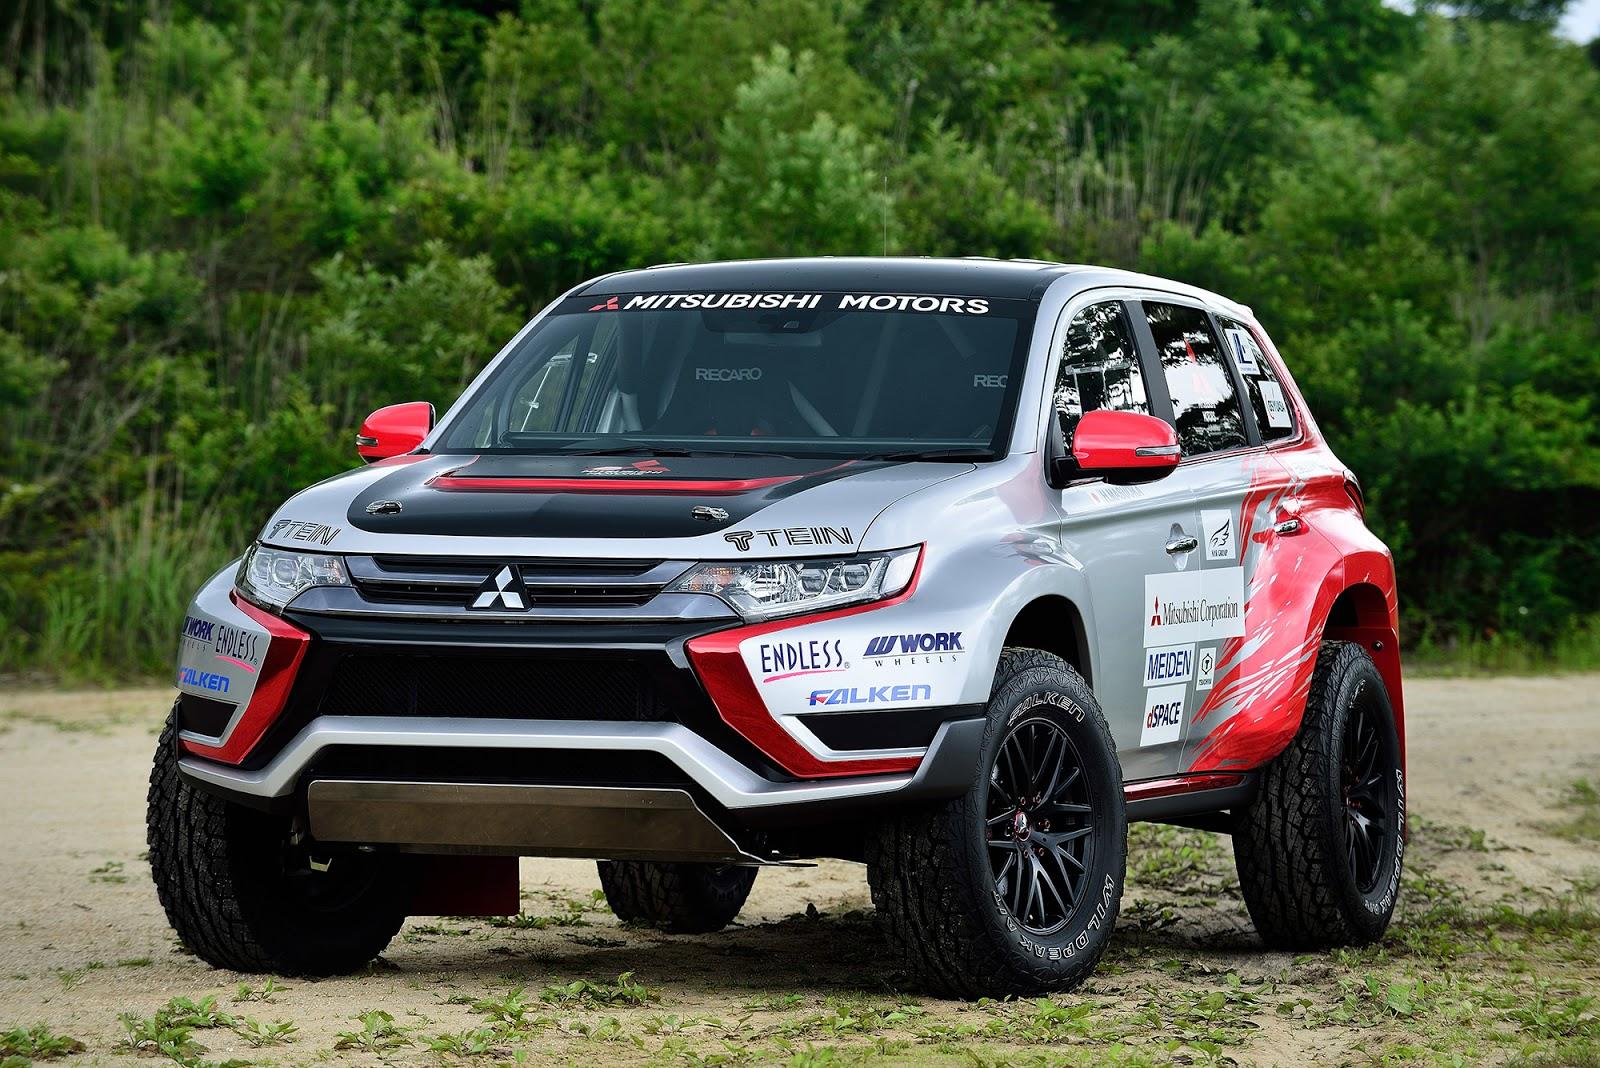 001 Η Mitsubishi συμμετέχει σε χωμάτινο αγώνα 500Km με το plug-in υβριδικό Outlander PHEV